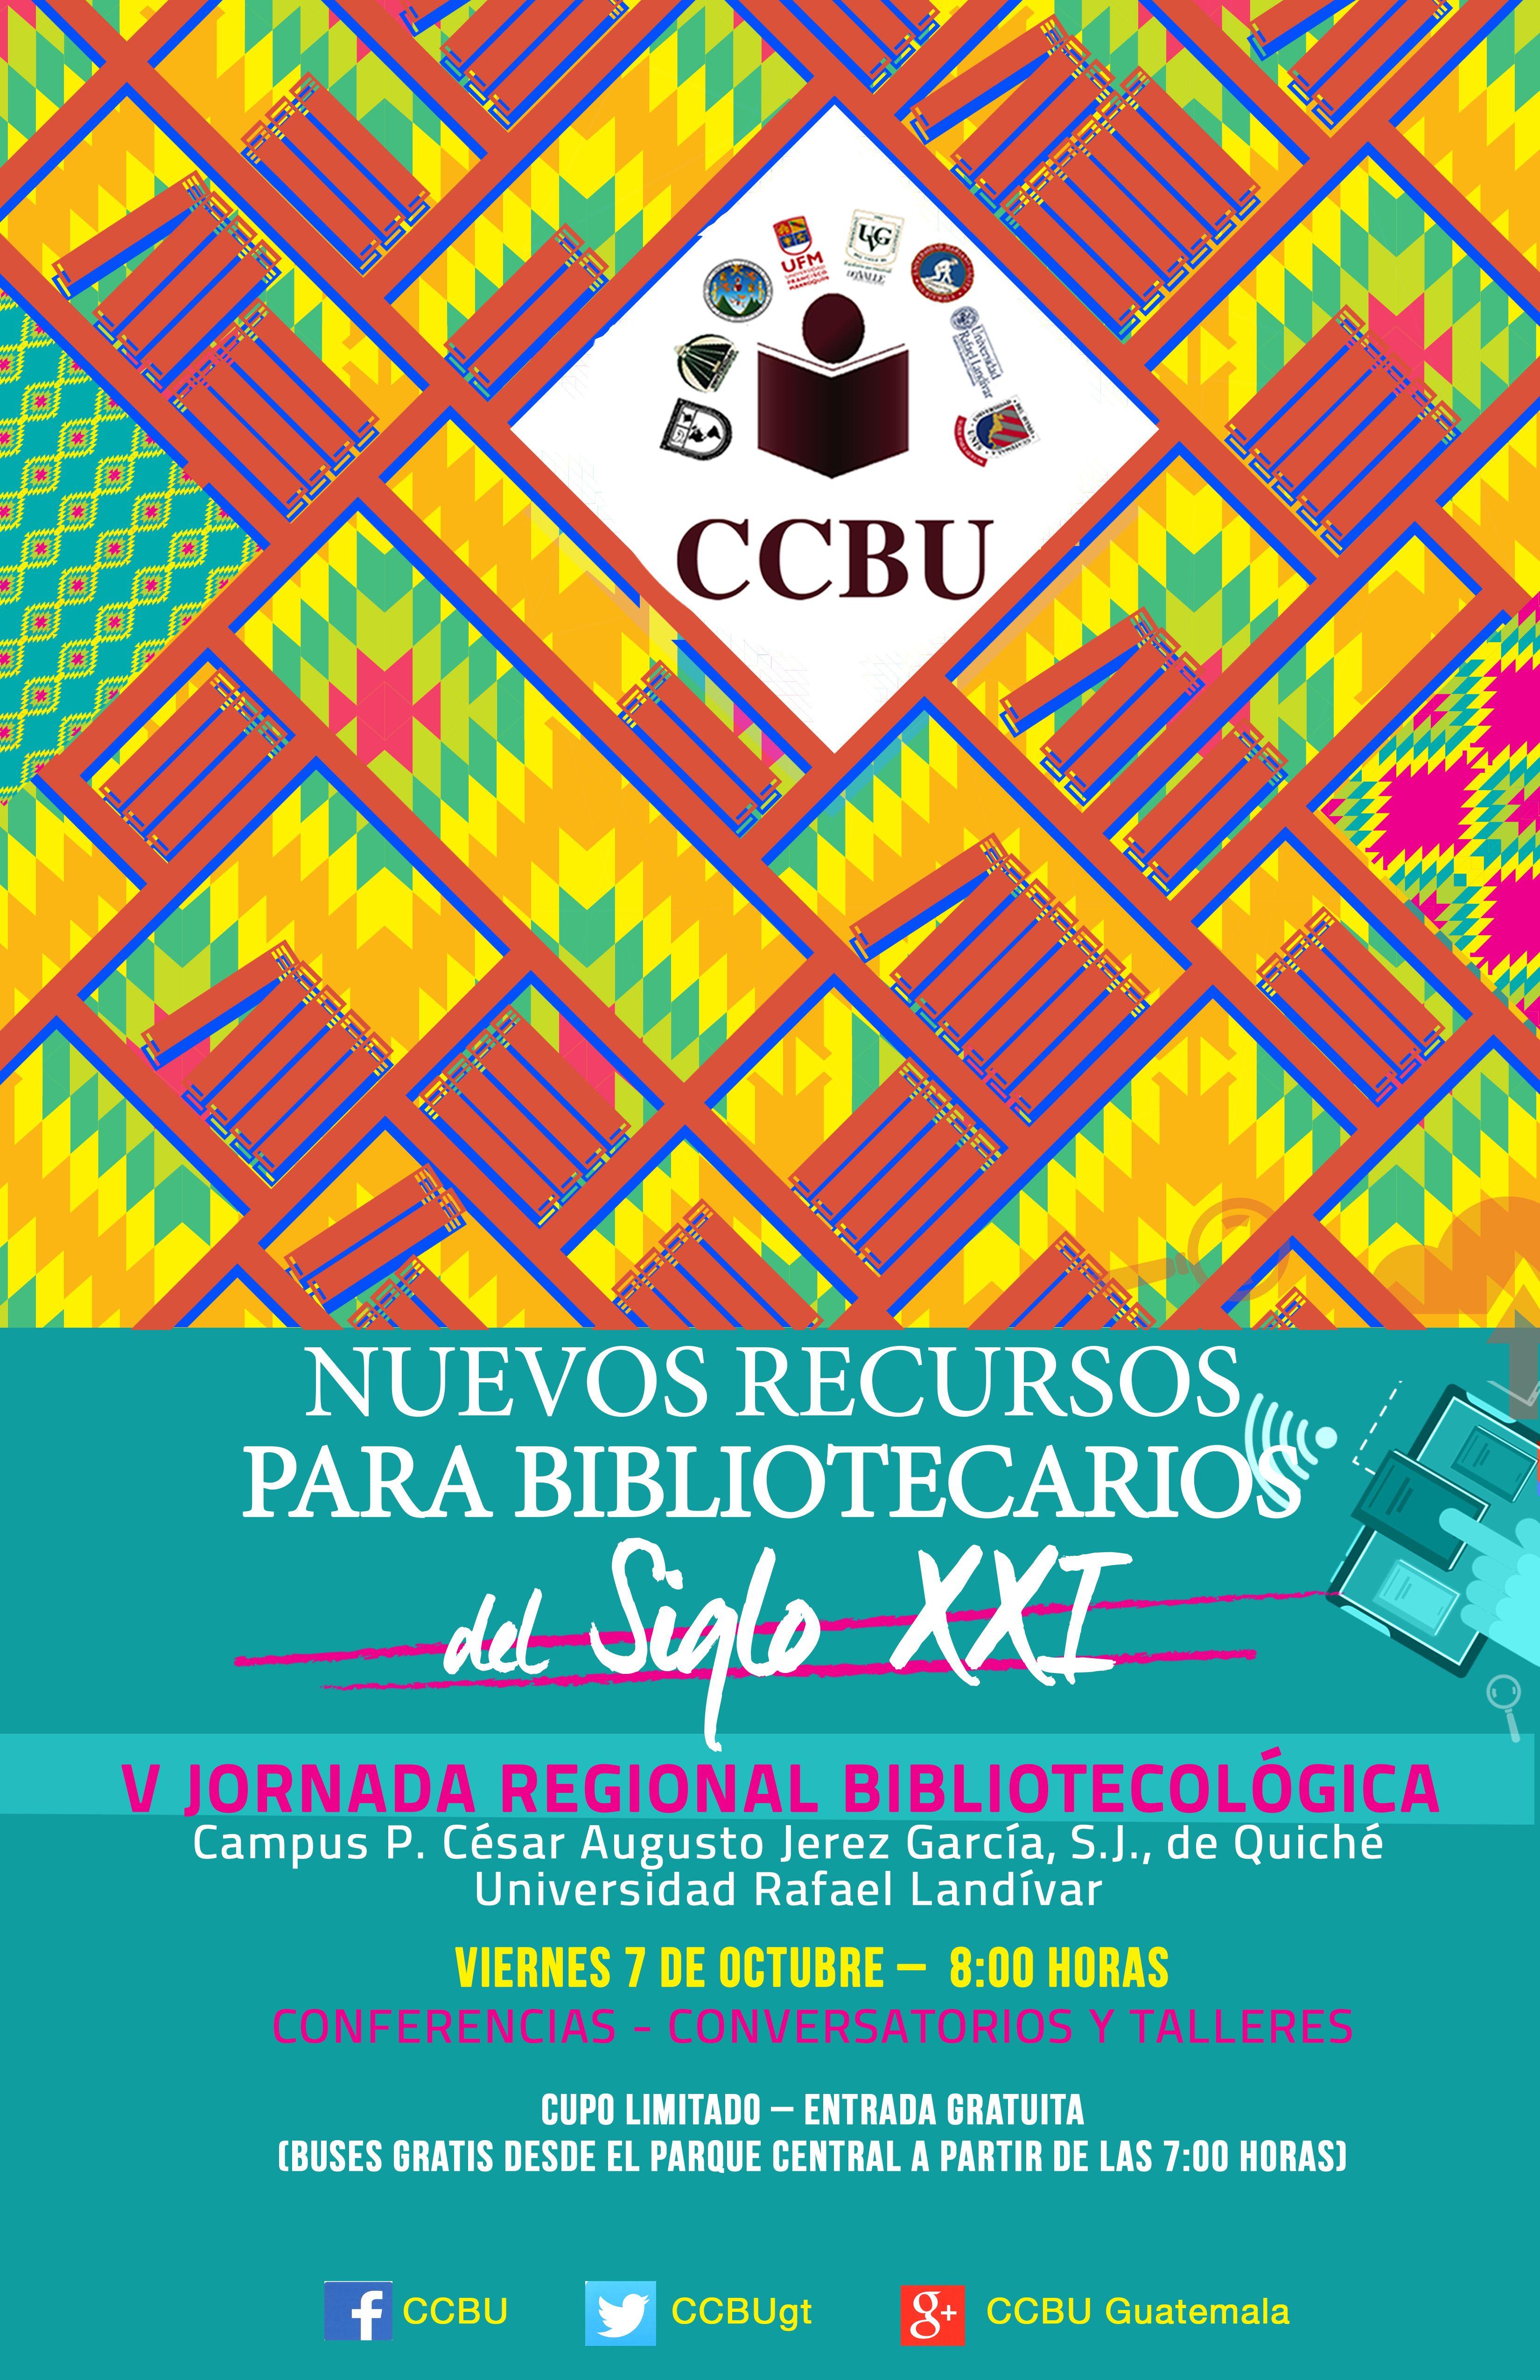 V Jornada regional CCBU 2016, nuestro evento de Octubre en el interior del país